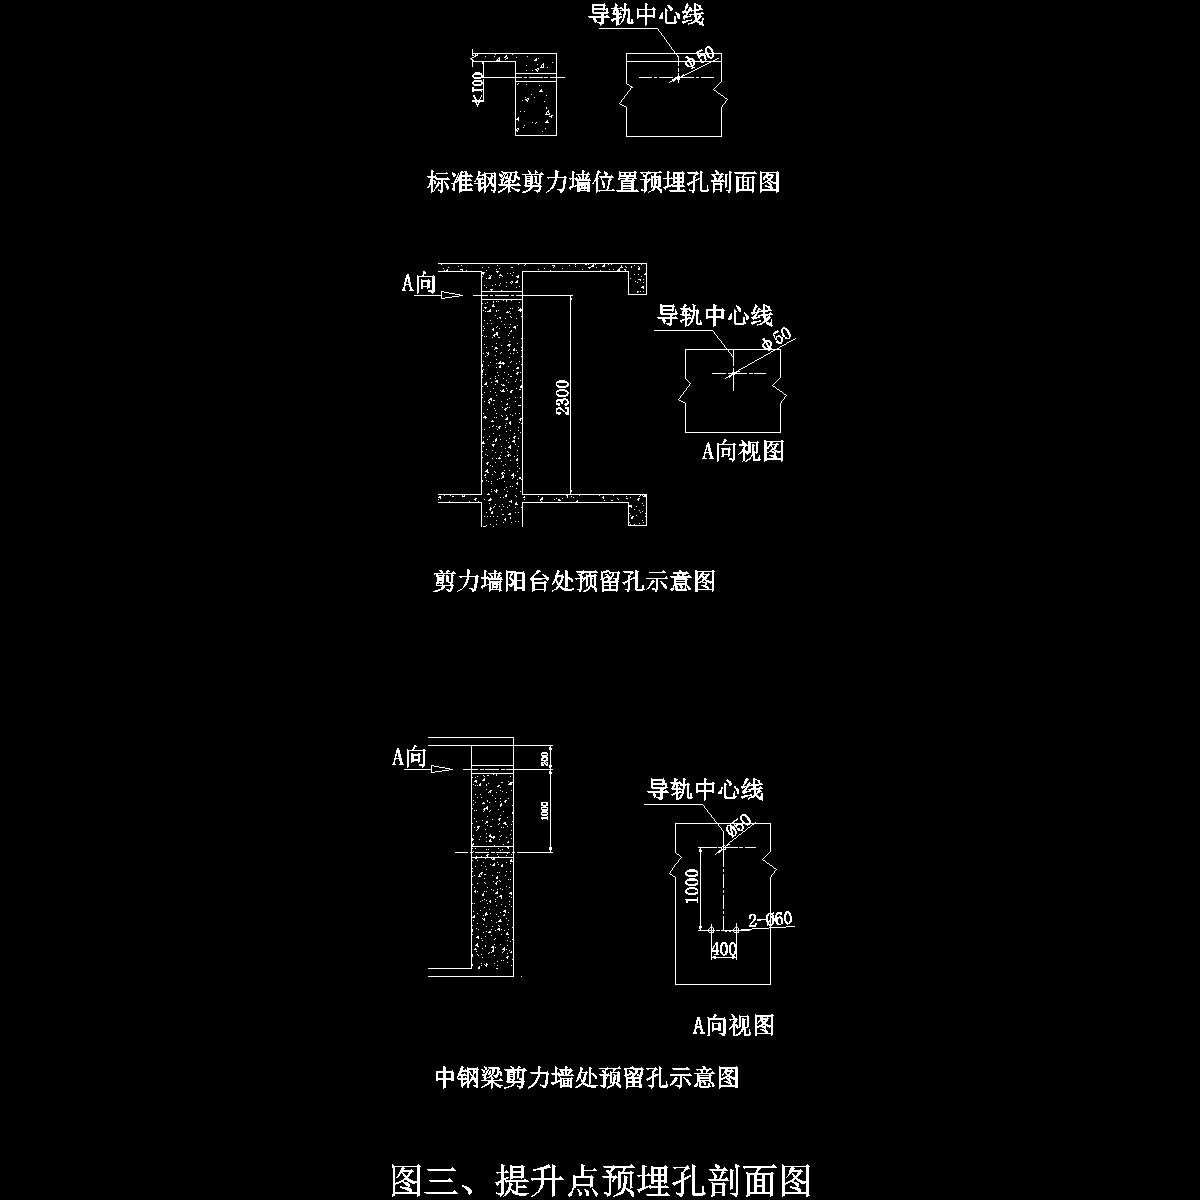 图三、预留孔剖面图.dwg